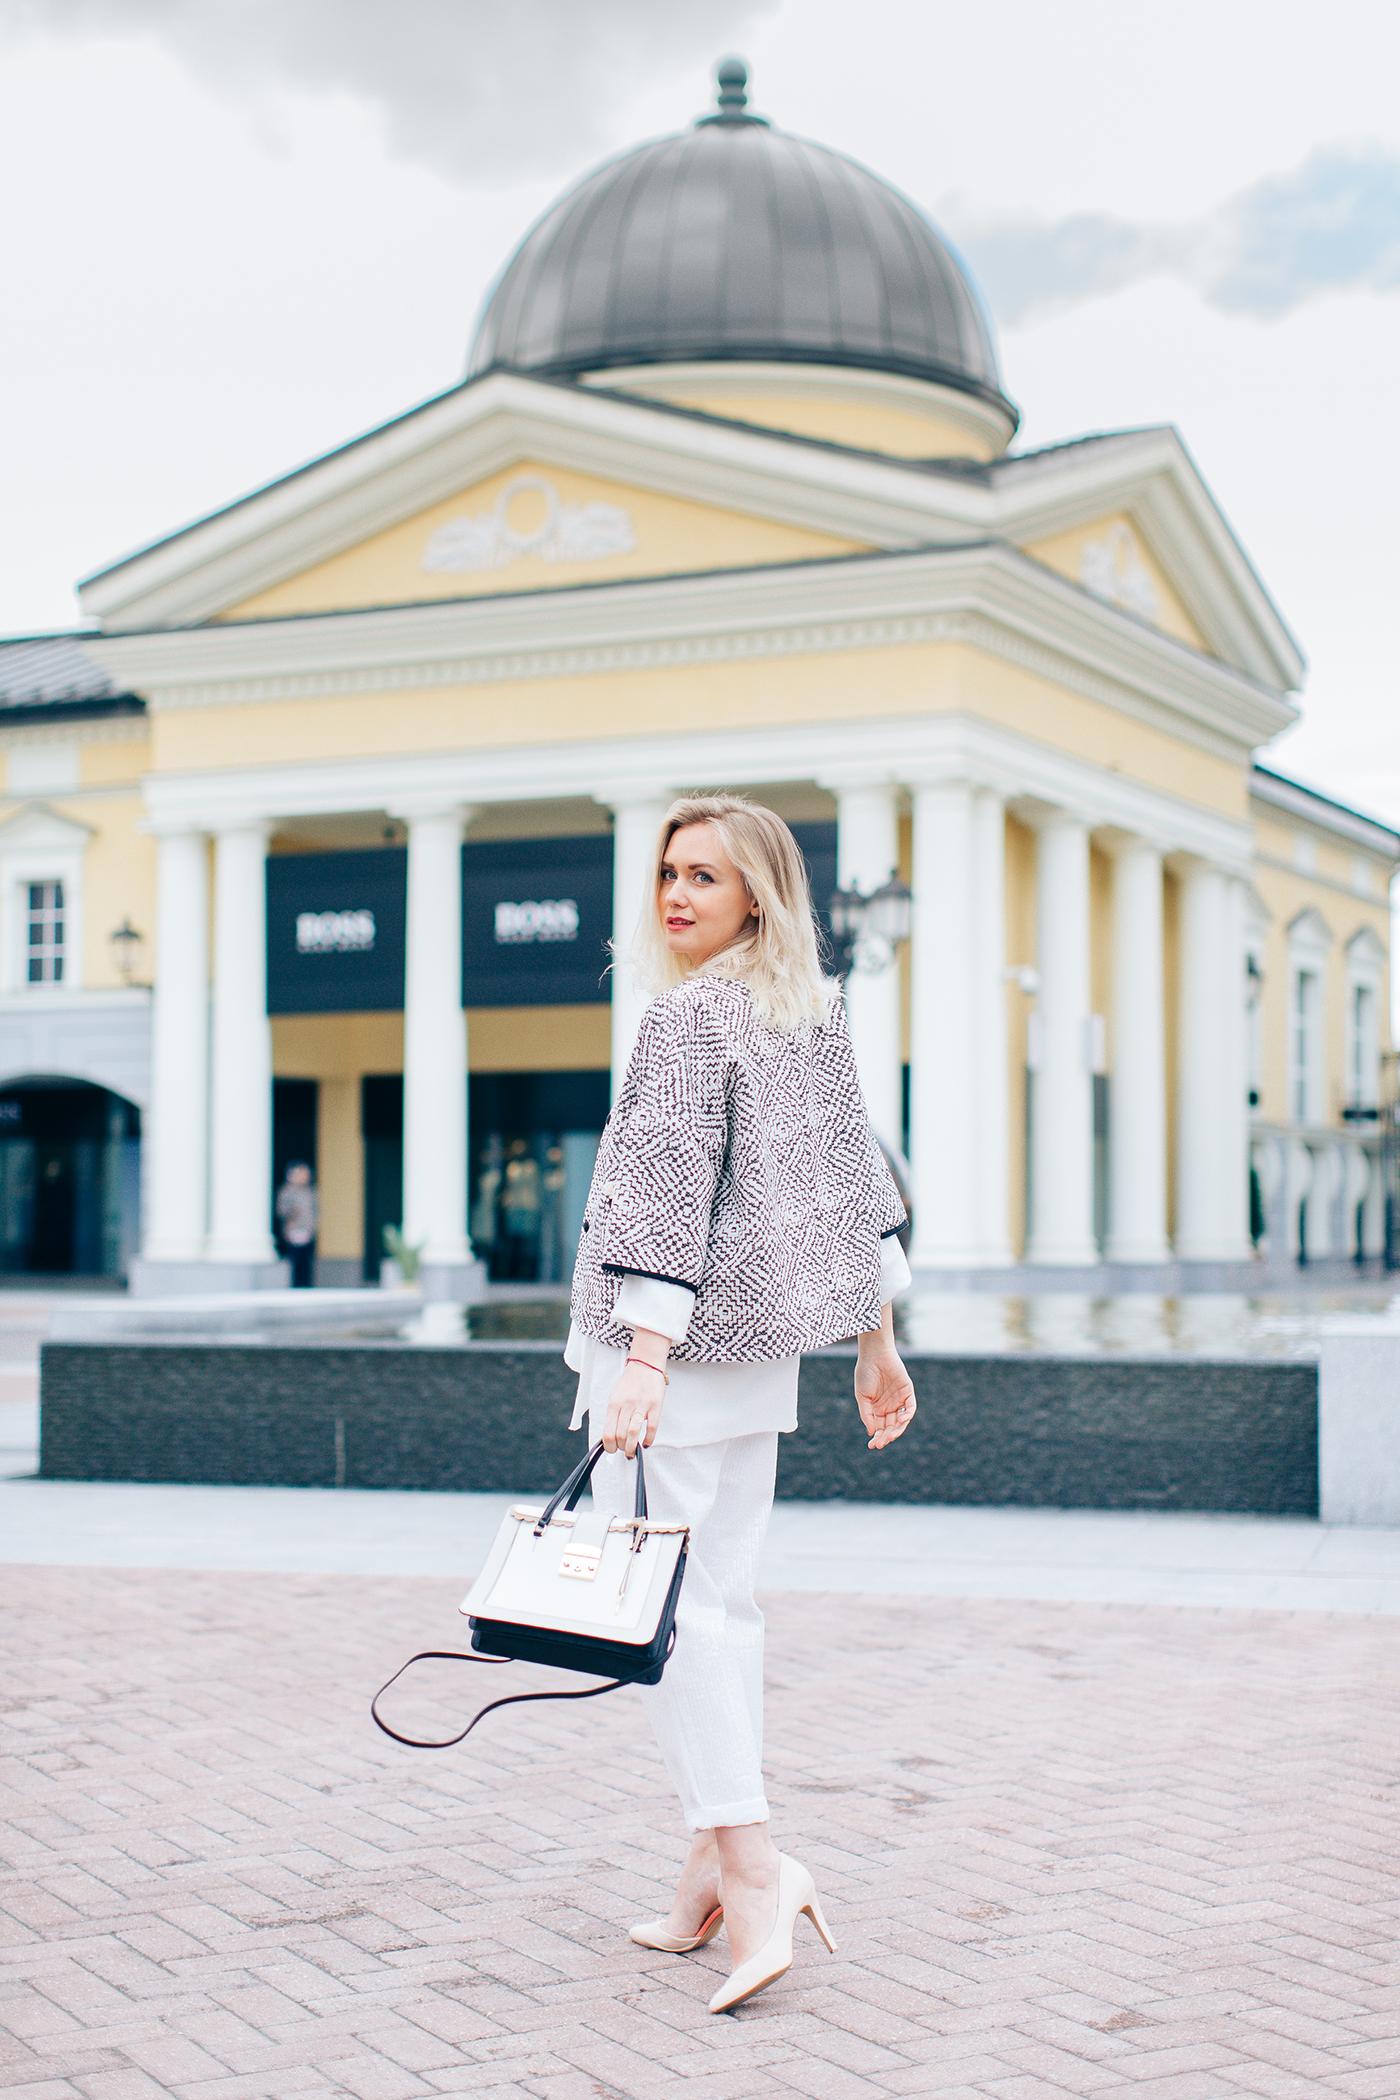 inspiration, streetstyle, spring outfit, summer outfit, annamidday, moscow fashion week, top fashion blogger, top russian fashion blogger, фэшн блогер, русский блогер, известный блогер, топовый блогер, russian bloger, top russian blogger, streetfashion, russian fashion blogger, blogger, fashion, style, fashionista, модный блогер, российский блогер, ТОП блогер, ootd, lookoftheday, look, популярный блогер, российский модный блогер, russian girl, с чем носить льняные вещи, с чем носить бежевый тренчкот, с чем носить белые джинсы, цветовые сочетания, streetstyle, красивая девушка, Анна миддэй, анна мидэй, девушка в очках, стиль 70-х, как сочетать пастельные оттенки, аутлеты москвы, аутлет вилладж белая дача, белая дача, outlet village belaya dacha, модные весенние аксессуары, тренды весна-лето 2017, что будет можно этим летом, модные образы, с чем сочетать бахрому, платье в стиле 70-х, tommy hilfiger, coccinelle, twin-set, mango, private sale